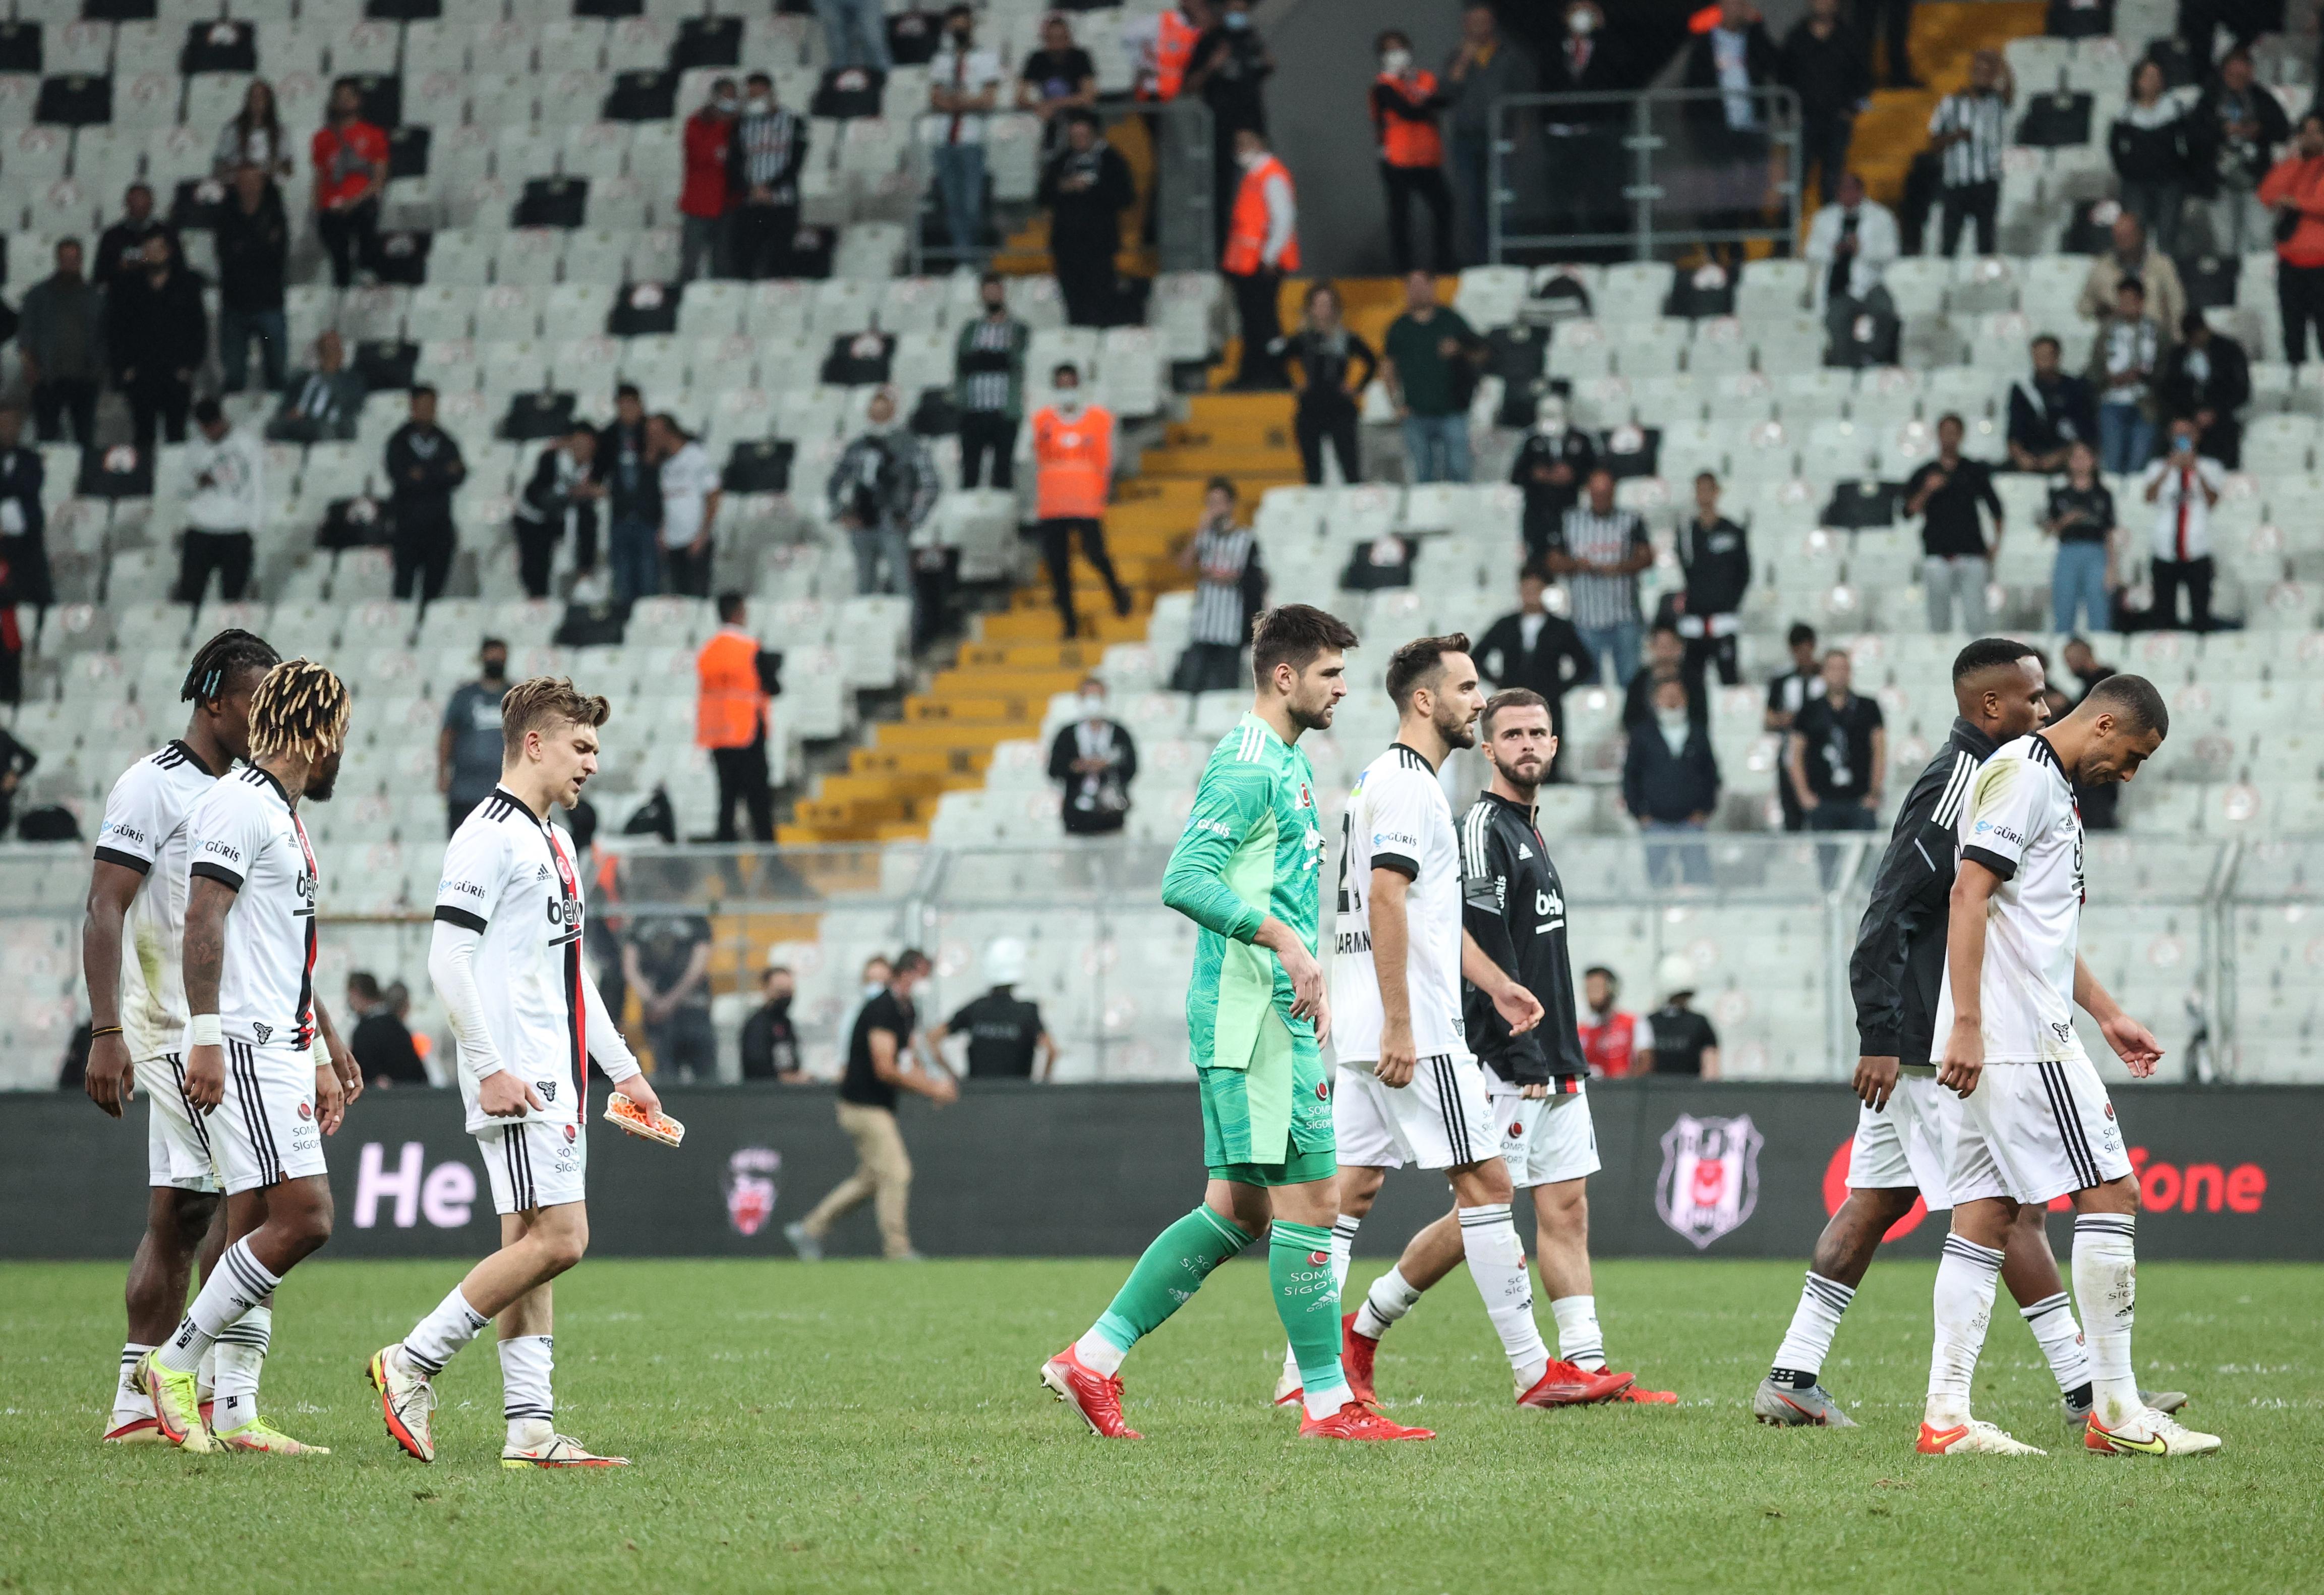 <p>Evinde Adana Demirspor'u ağırlayan Beşiktaş, 3-0 önde olduğu karşılaşmadan 3-3 berabere ayrıldı. Siyah-beyazlılar bu skorla 14 puana yükselerek liderliği korudu.</p>